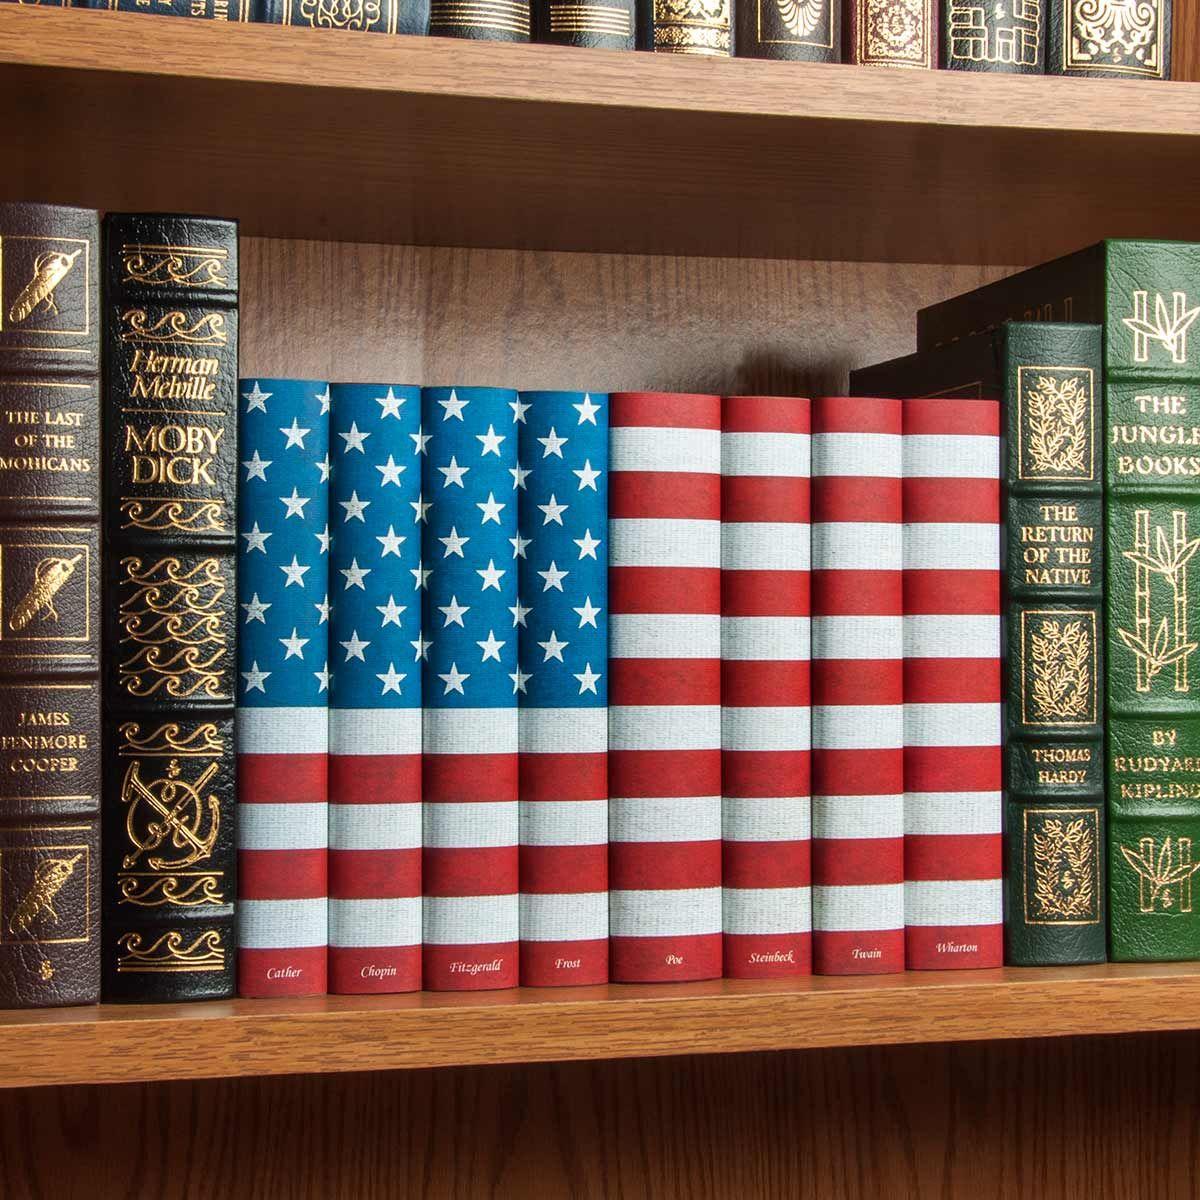 top american literature authors